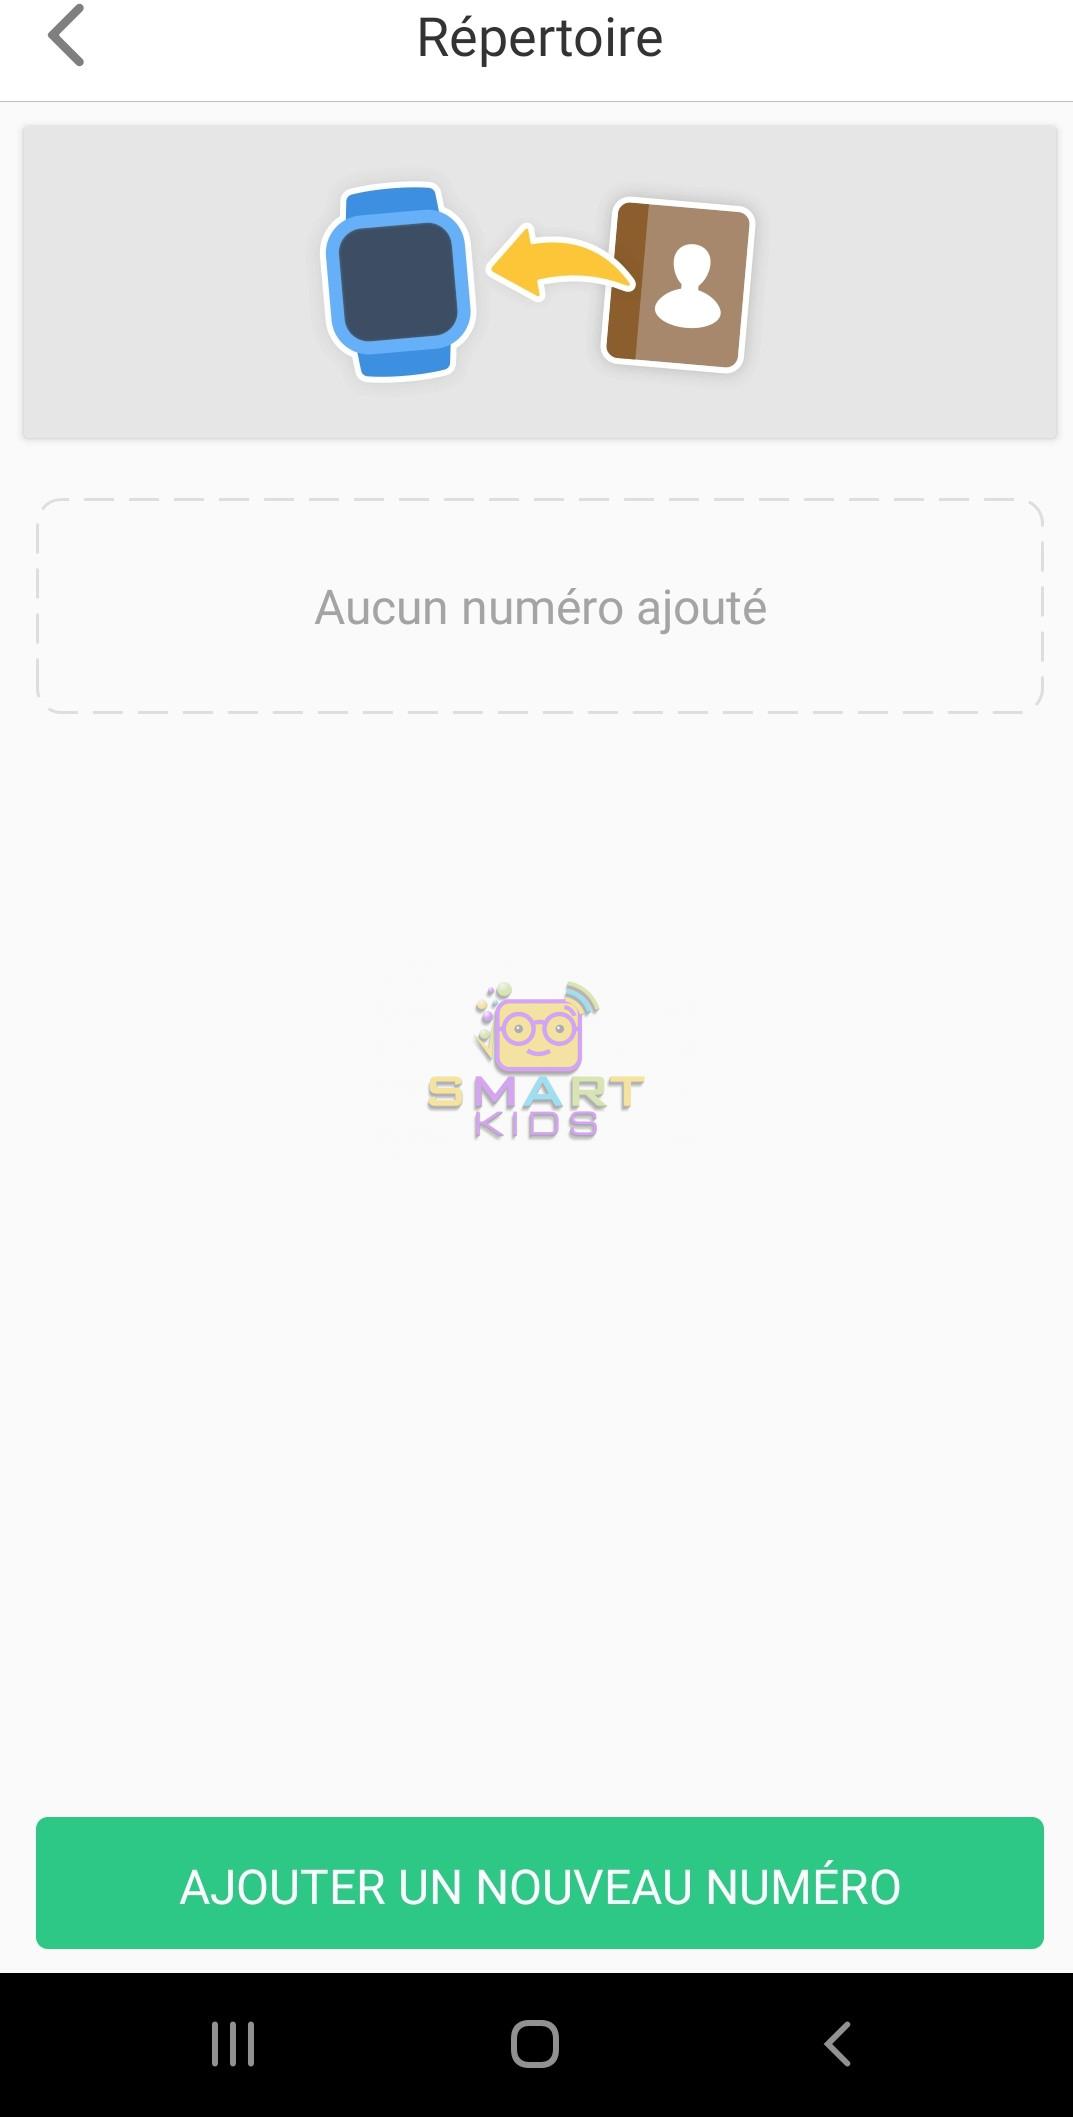 WhatsApp Image 2020 09 19 at 17.15.59 5